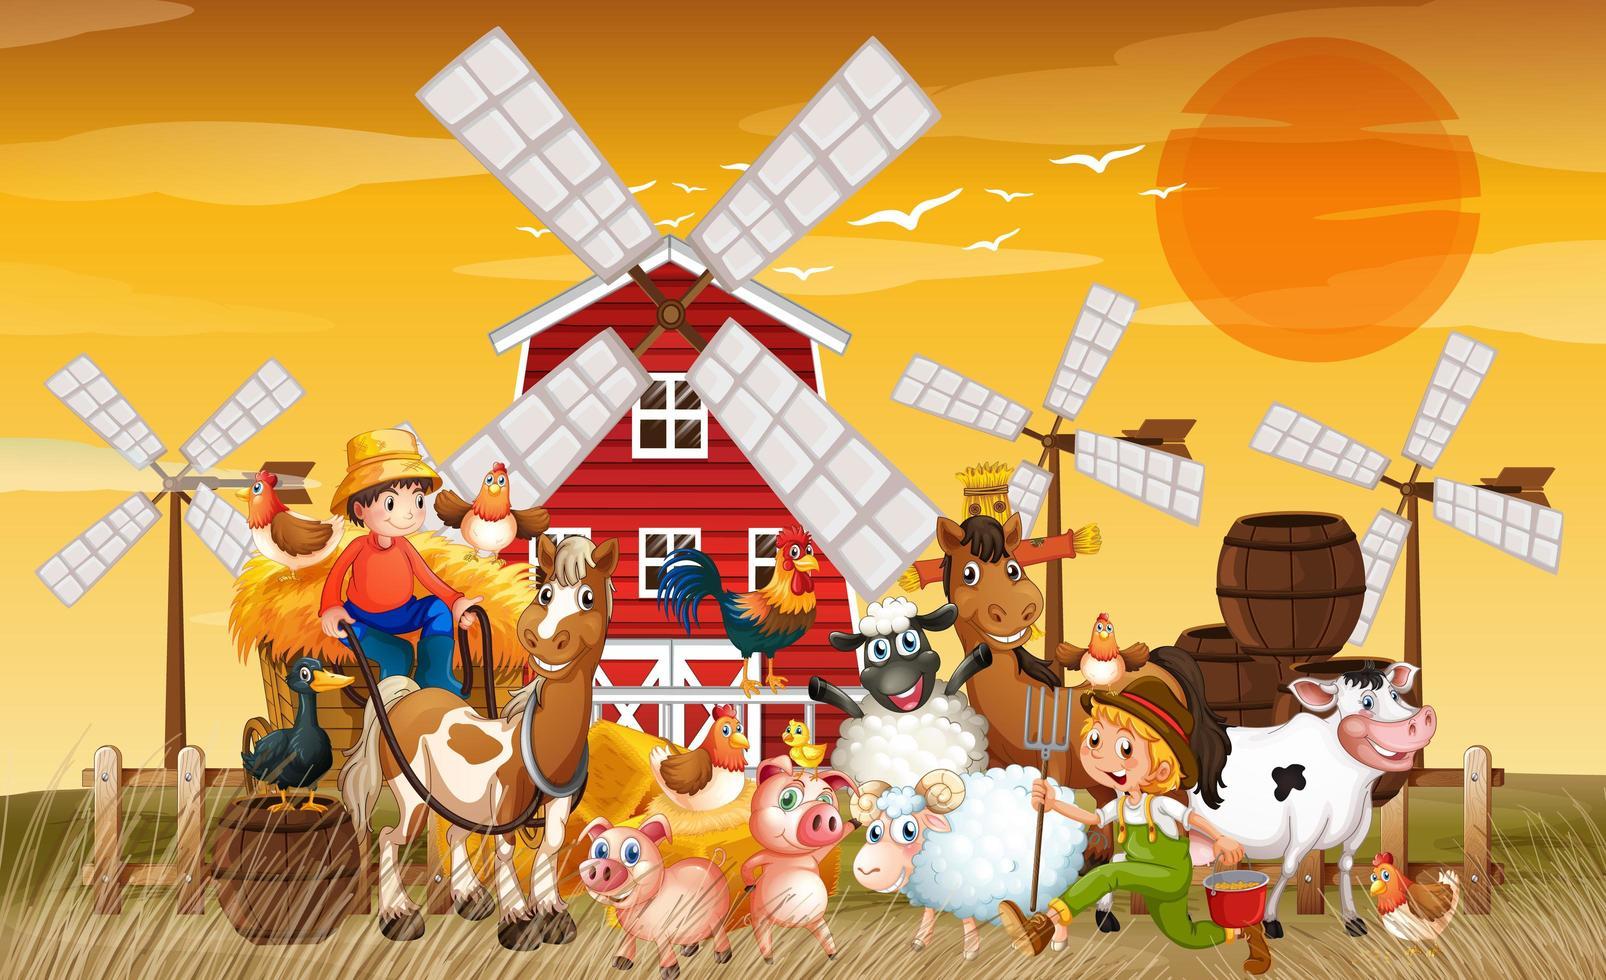 Bauernhof in der Naturszene mit Windmühle vektor